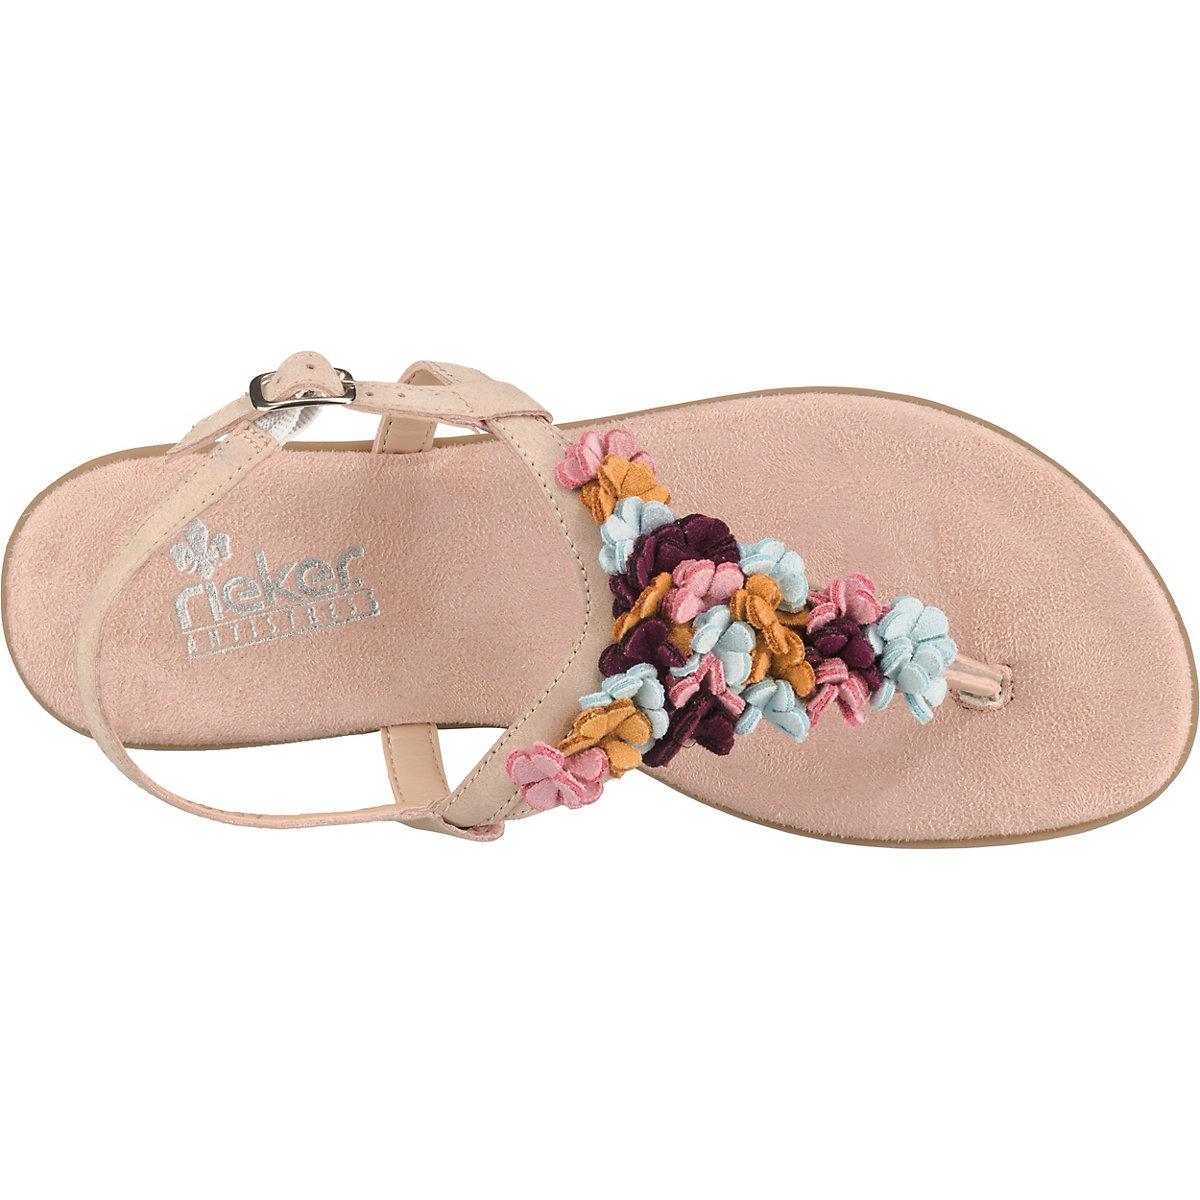 Rieker, Klassische Sandalen, Rosa